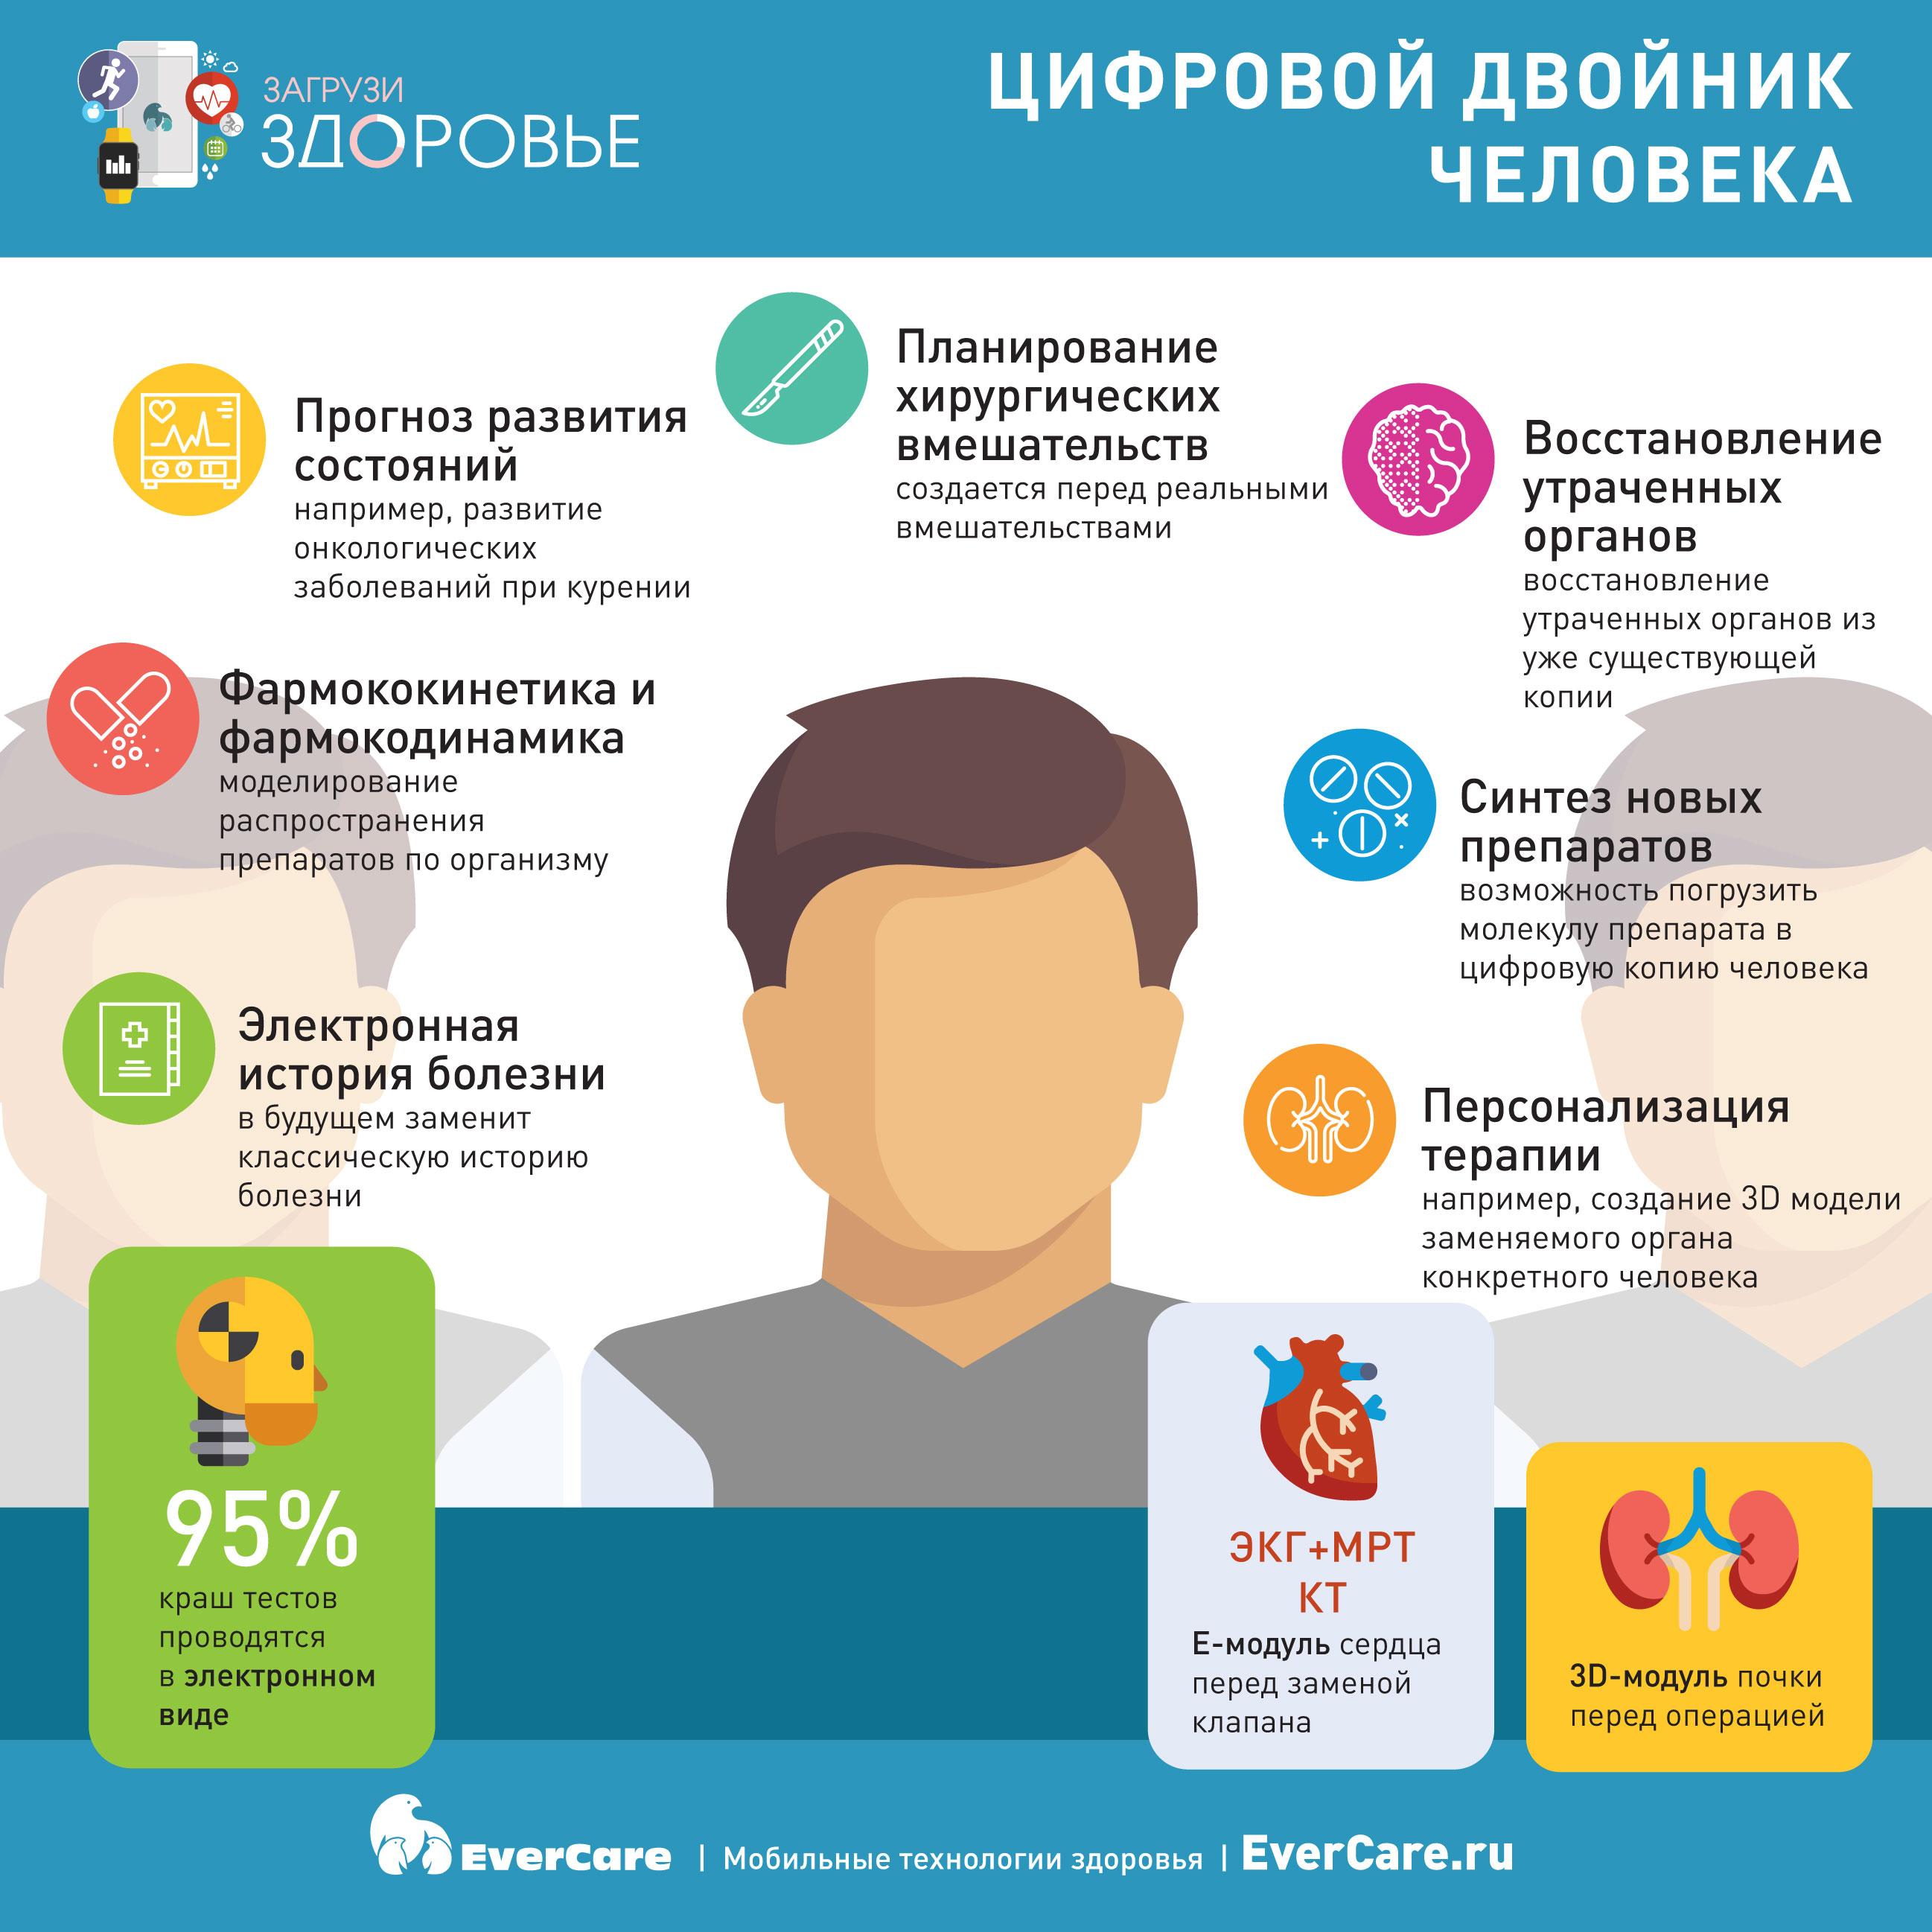 Цифровой двойник человека, Инфографика